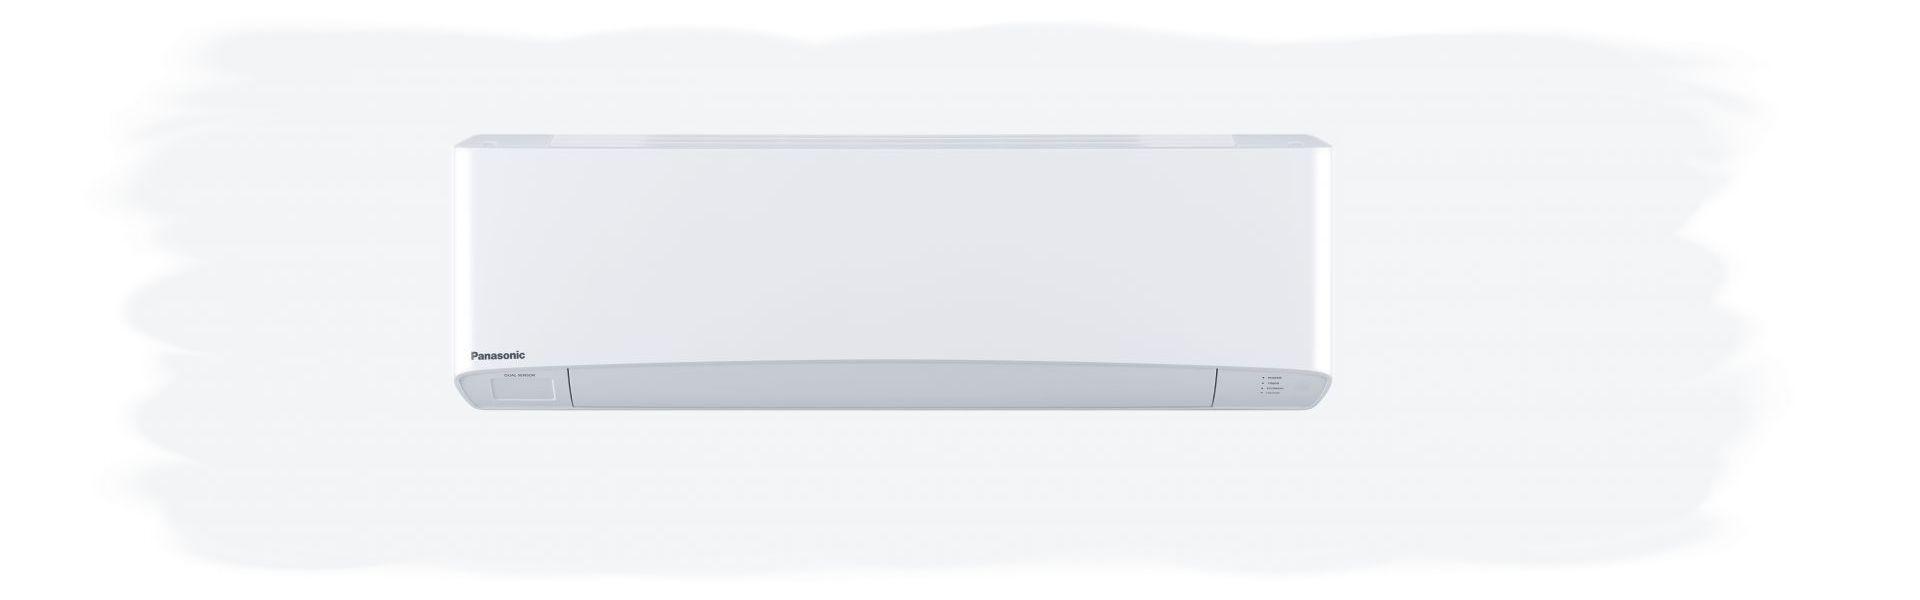 Panasonic légkondícionálók